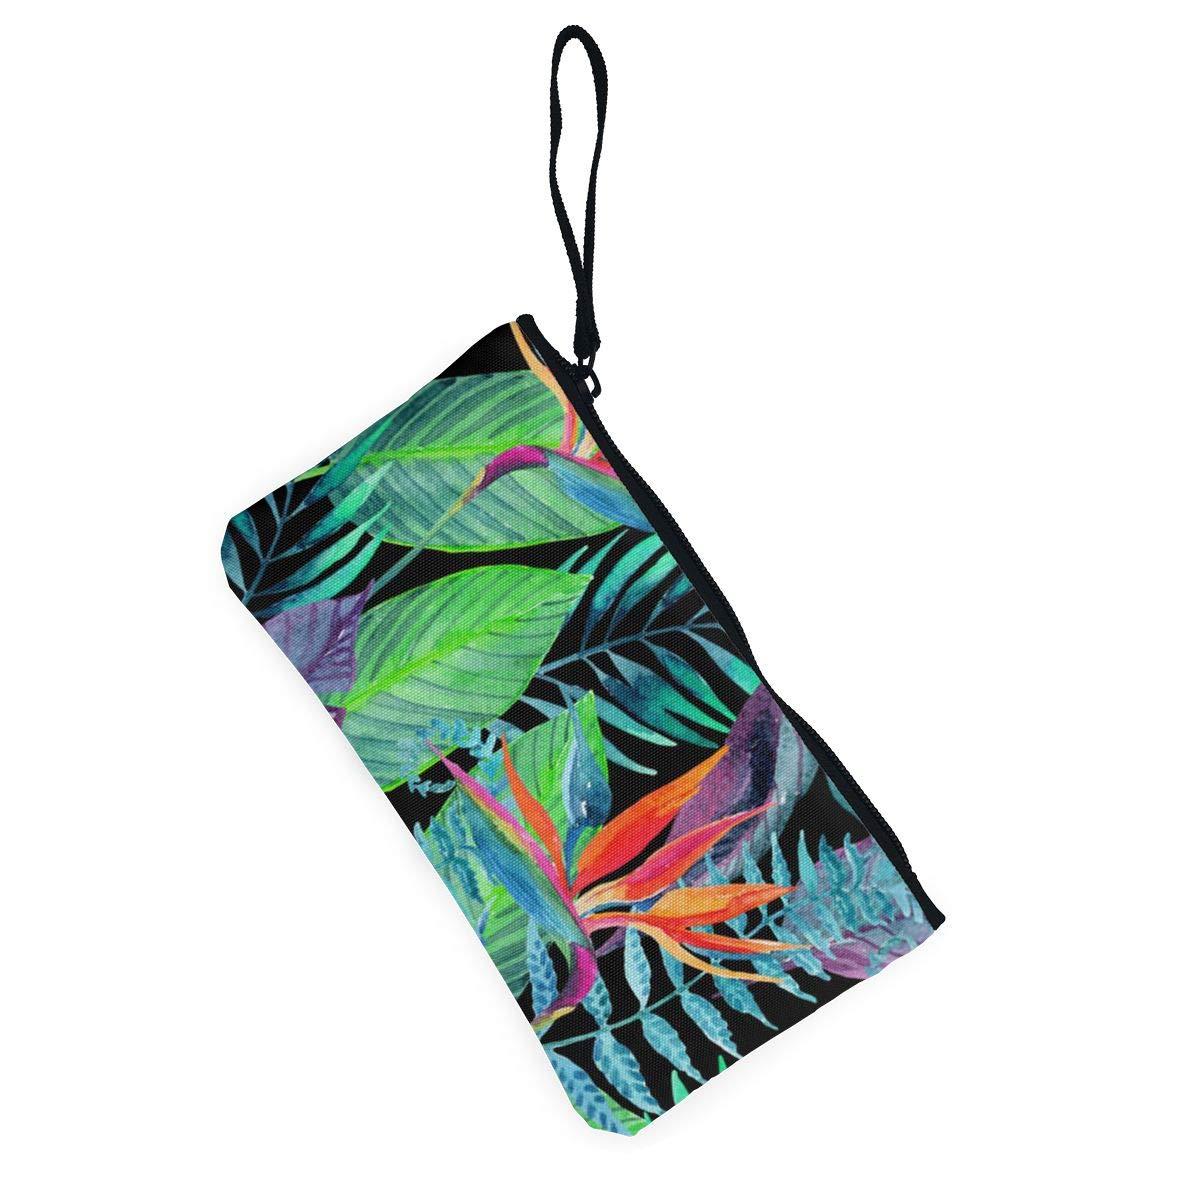 Amazon.com: Monedero de lienzo con diseño de hojas verdes de ...